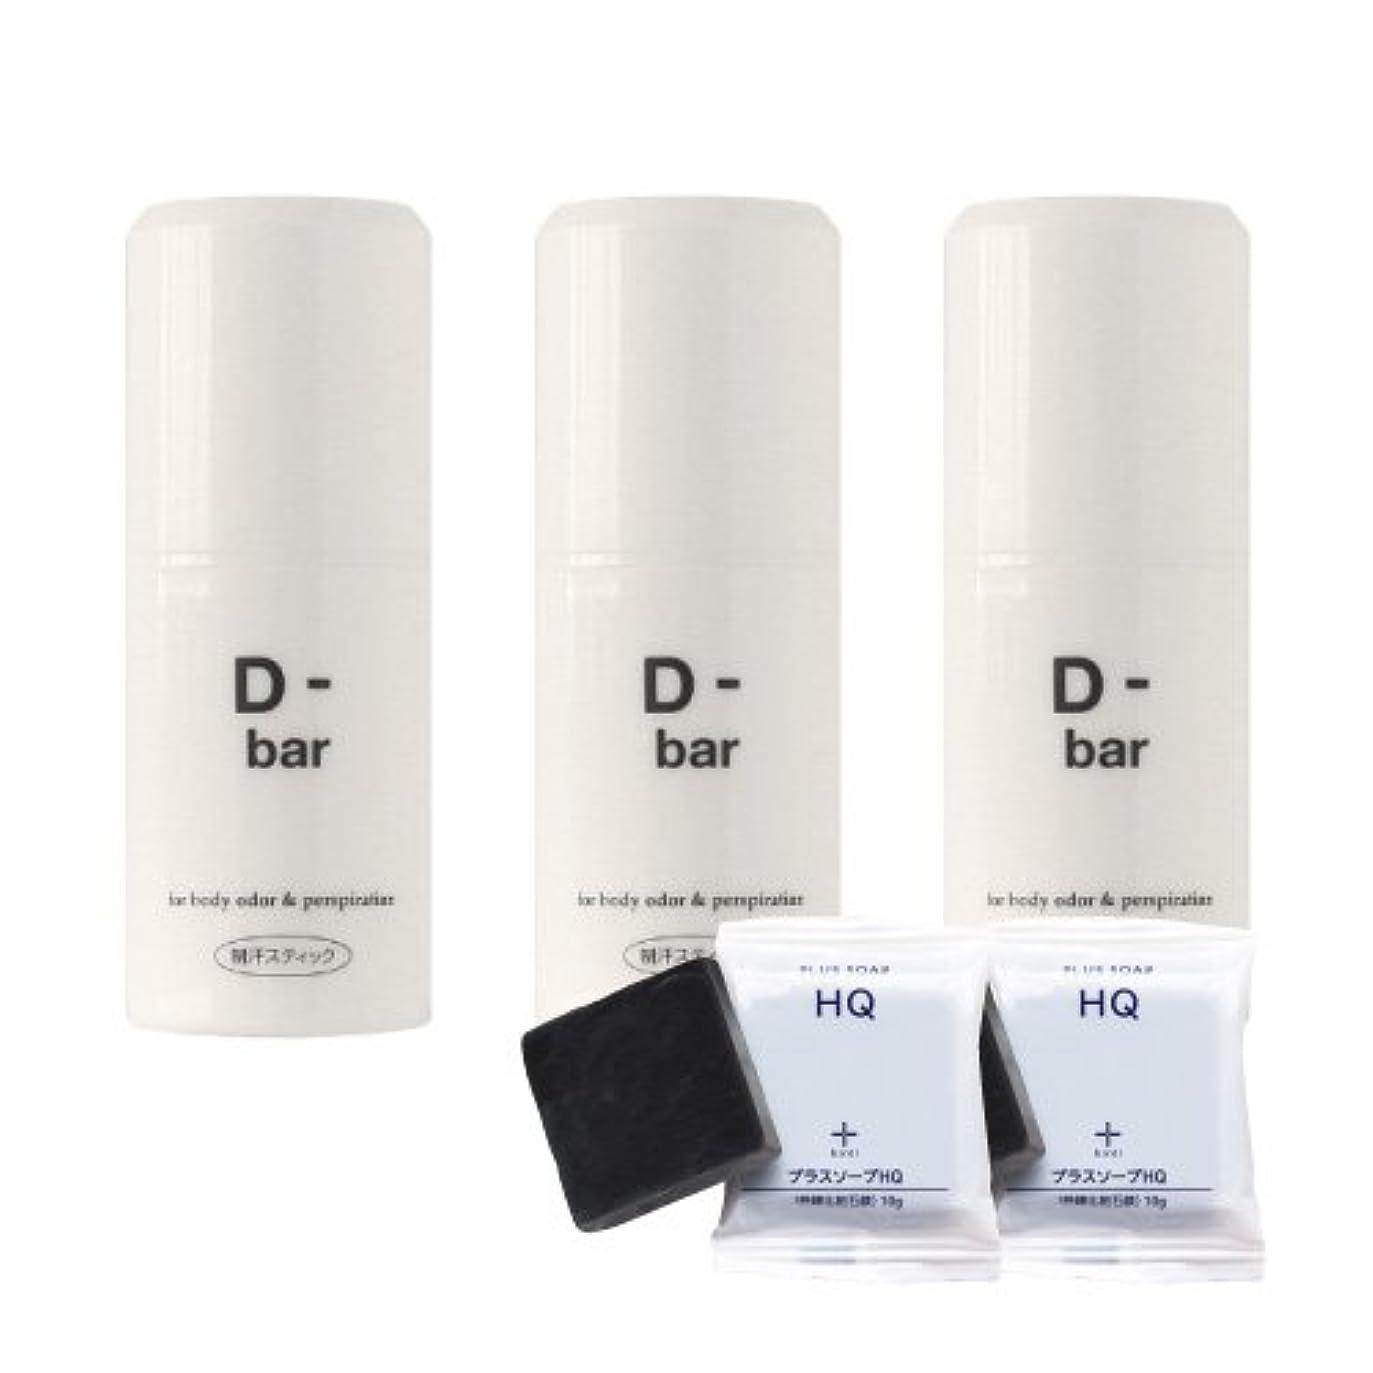 うがい薬消毒する費やすD-bar(ディーバー) 15g 3本 + プラスソープHQミニ 2個